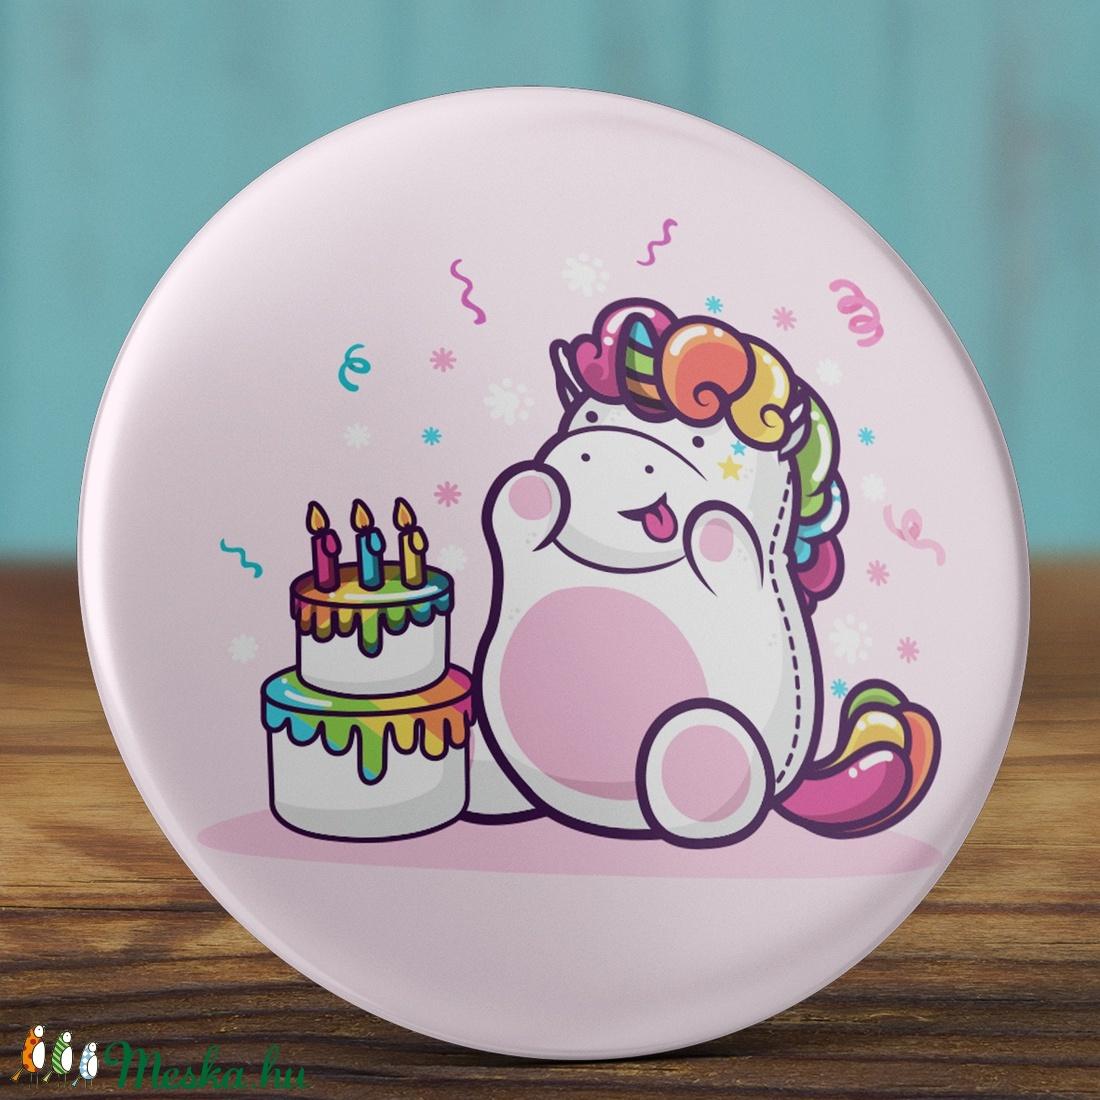 Boldog szülinapot unikornis tükör  - unicorn zsebtükör - happy birthday - ajándék - szülinap tükör - születésnap (AngelPin) - Meska.hu